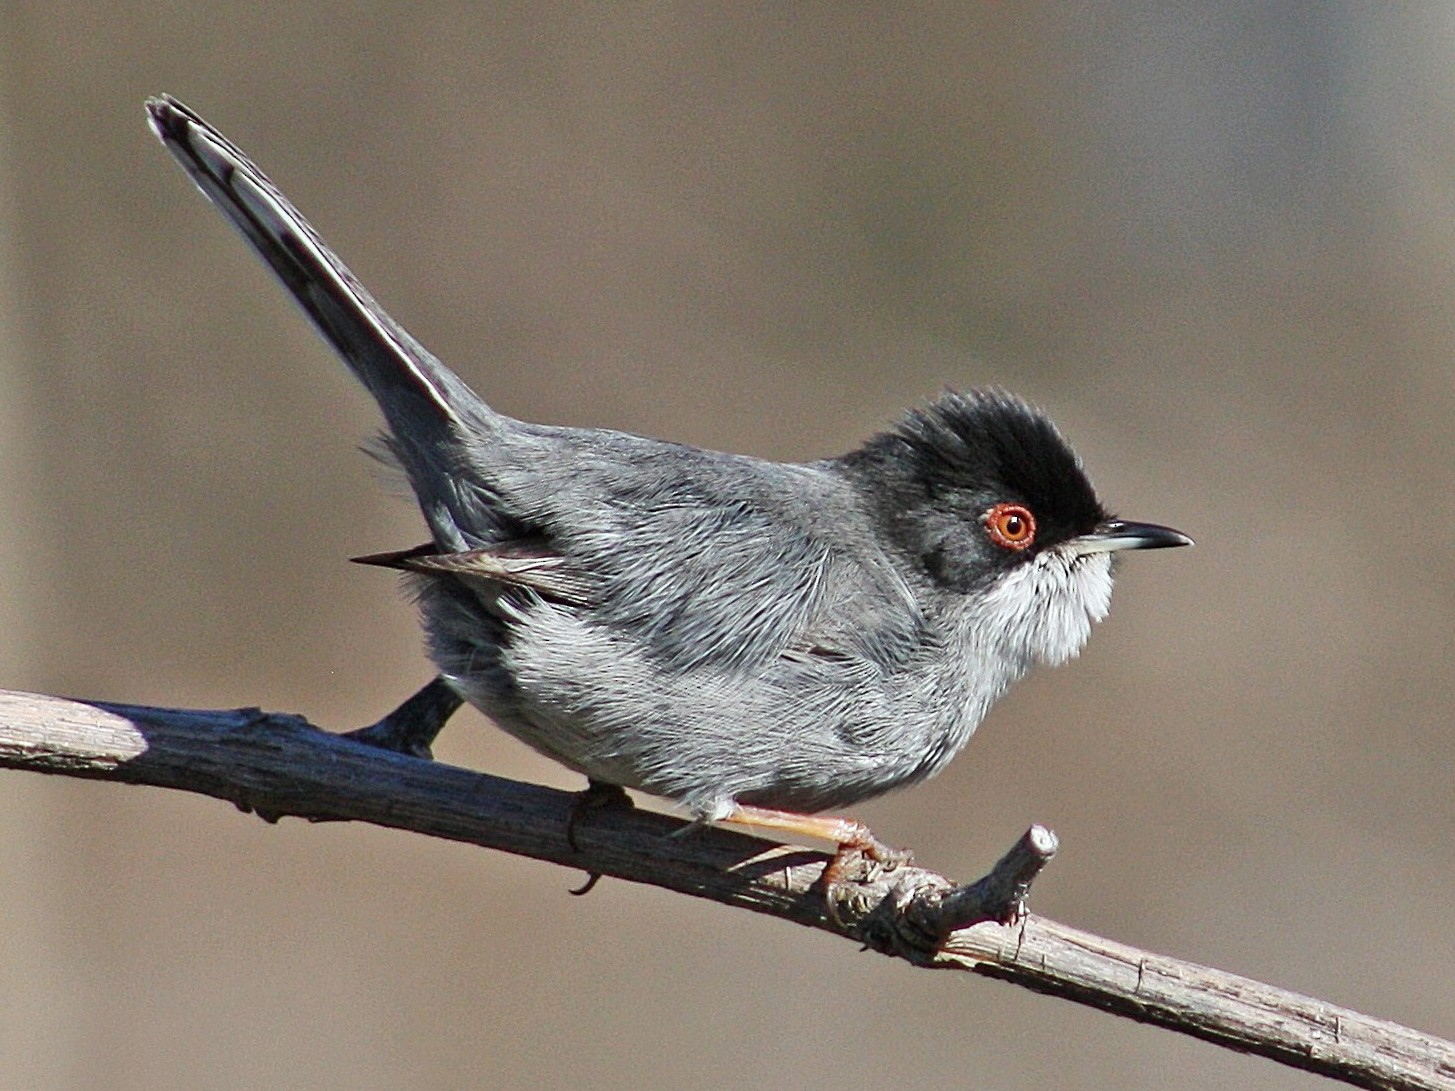 Sardinian Warbler - Tânia Araújo